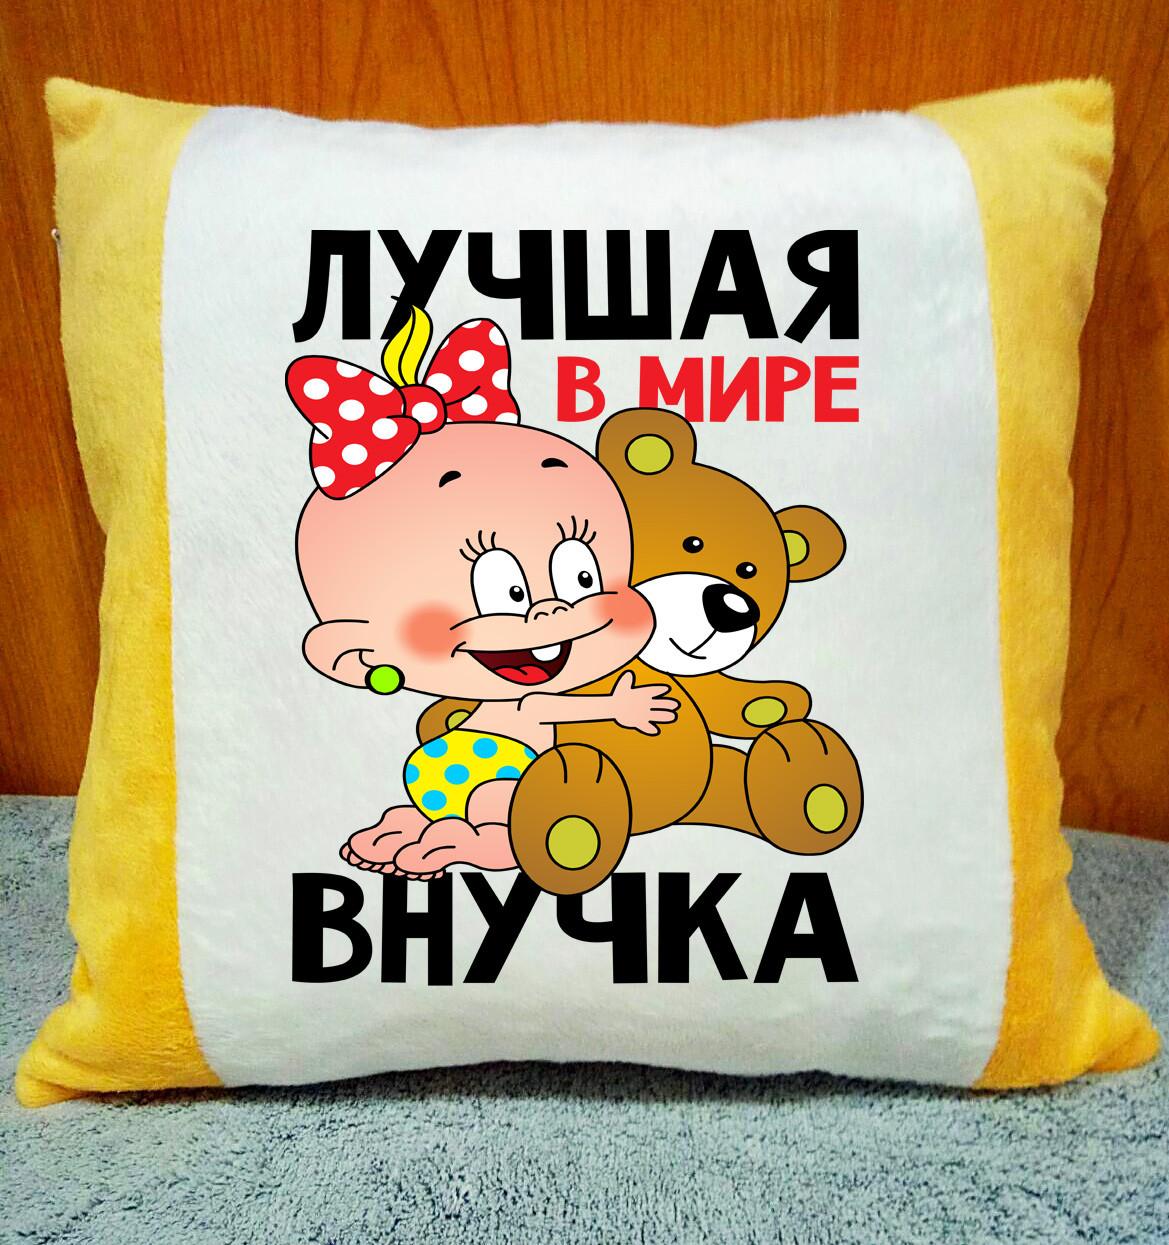 Плюшевая подушка с принтом. Подарок внучке